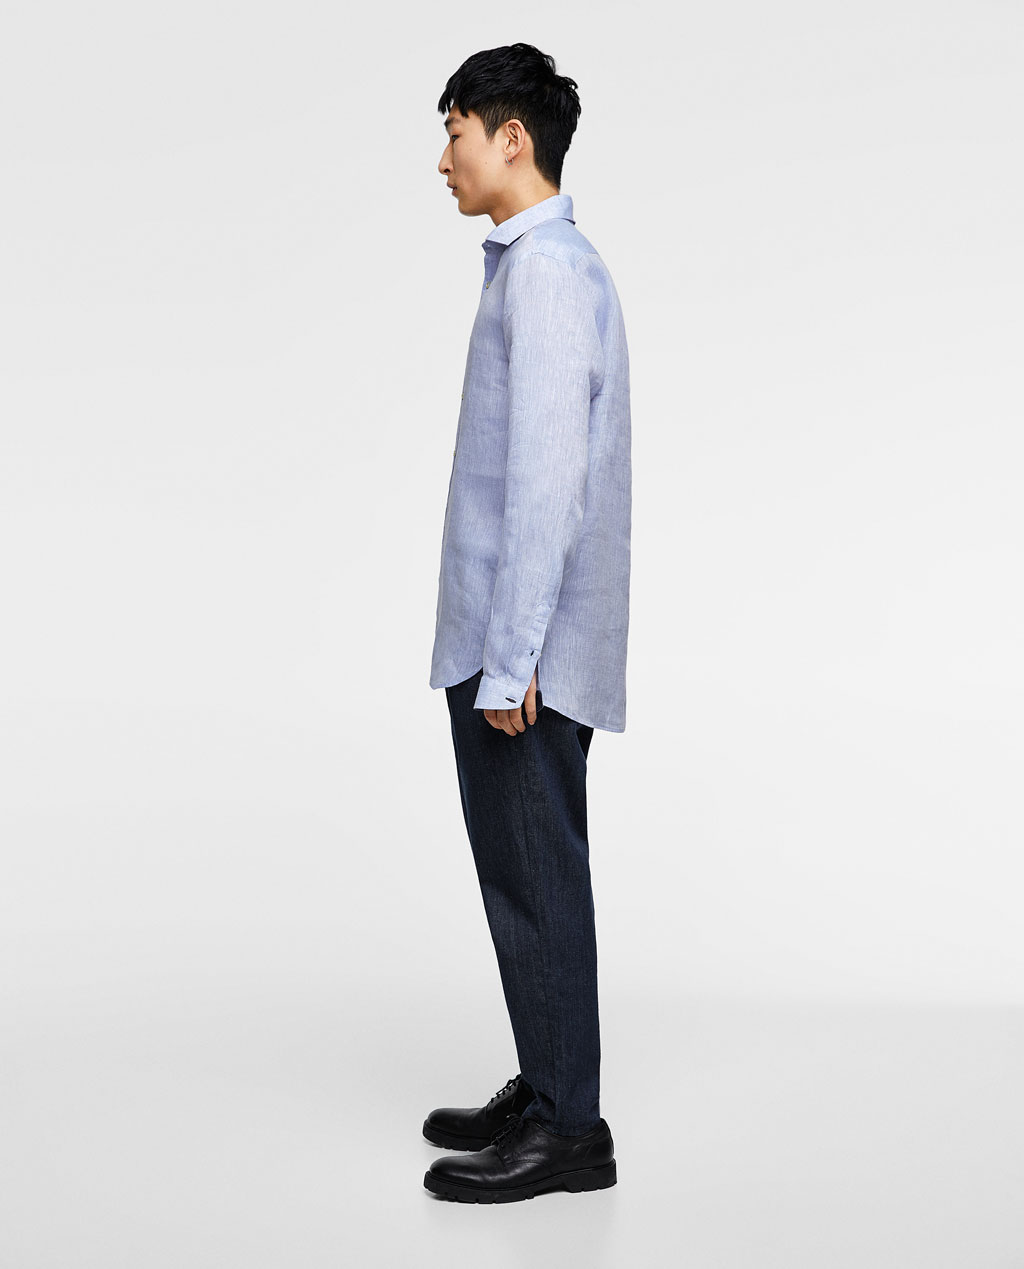 Thời trang nam Zara  23944 - ảnh 6